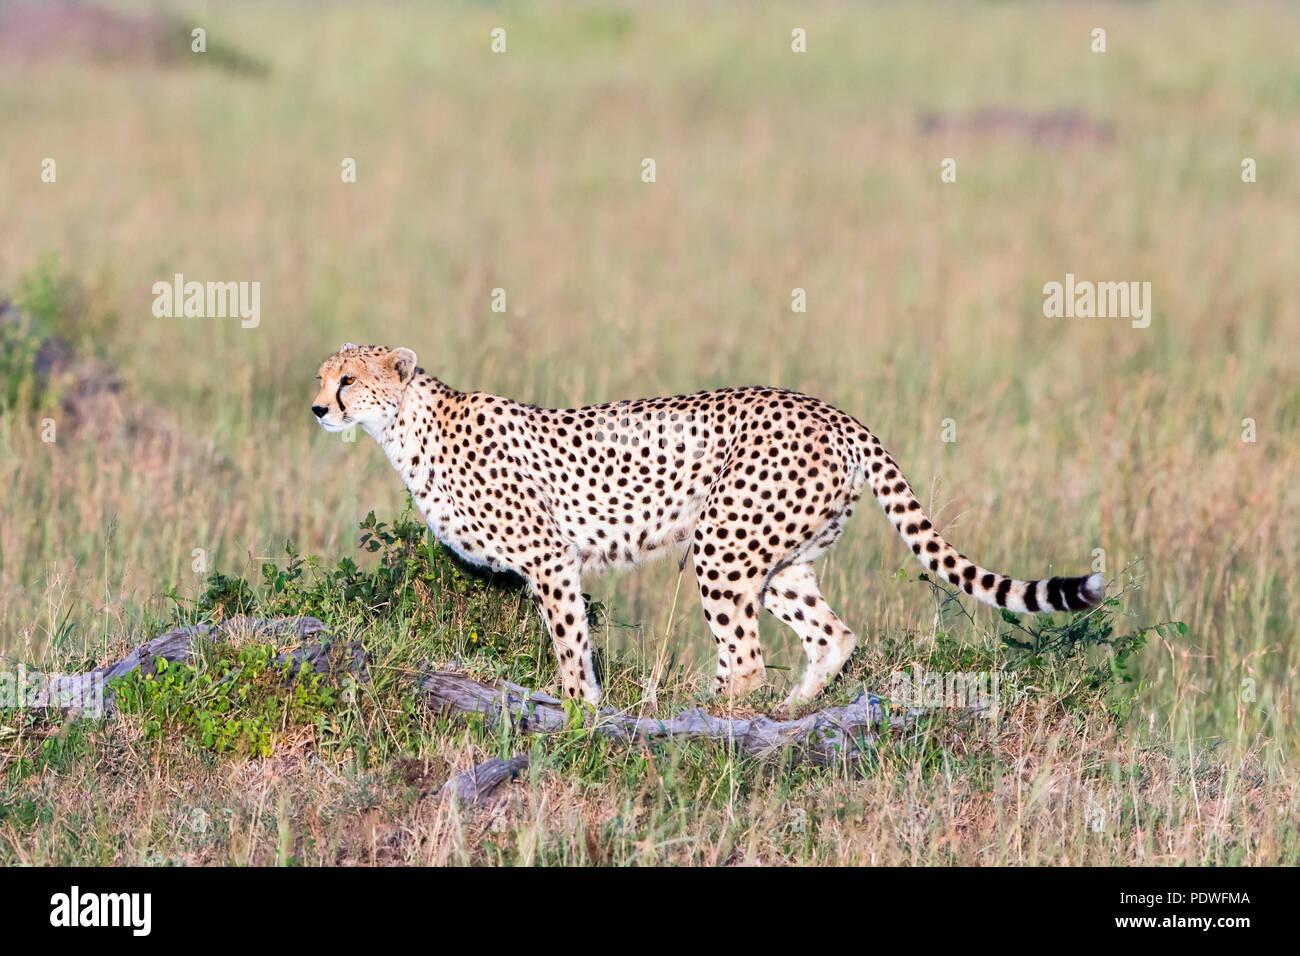 Wachsamer Cheetah in der Savanne Stockbild